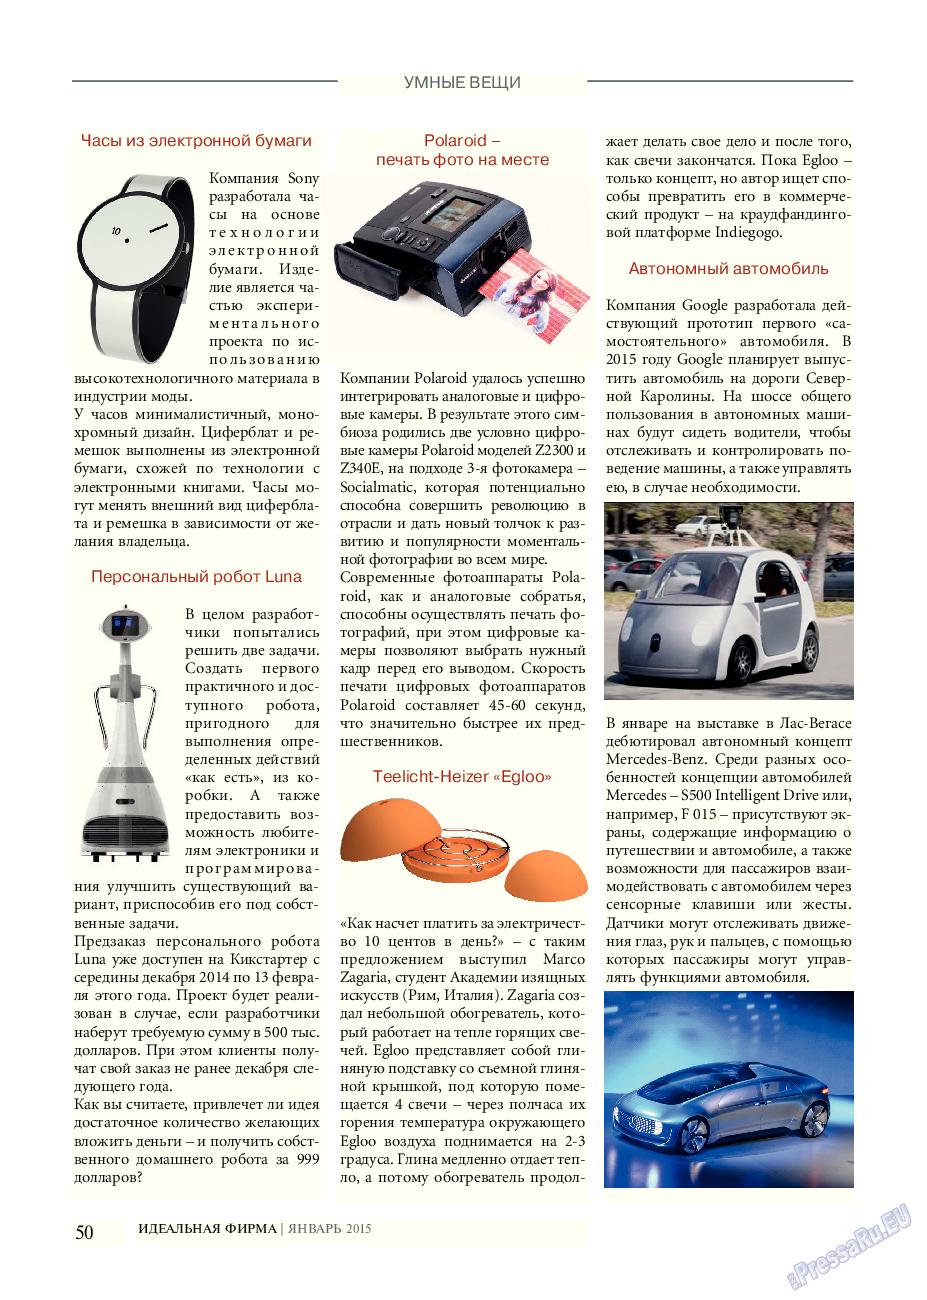 Идеальная фирма (журнал). 2015 год, номер 1, стр. 50